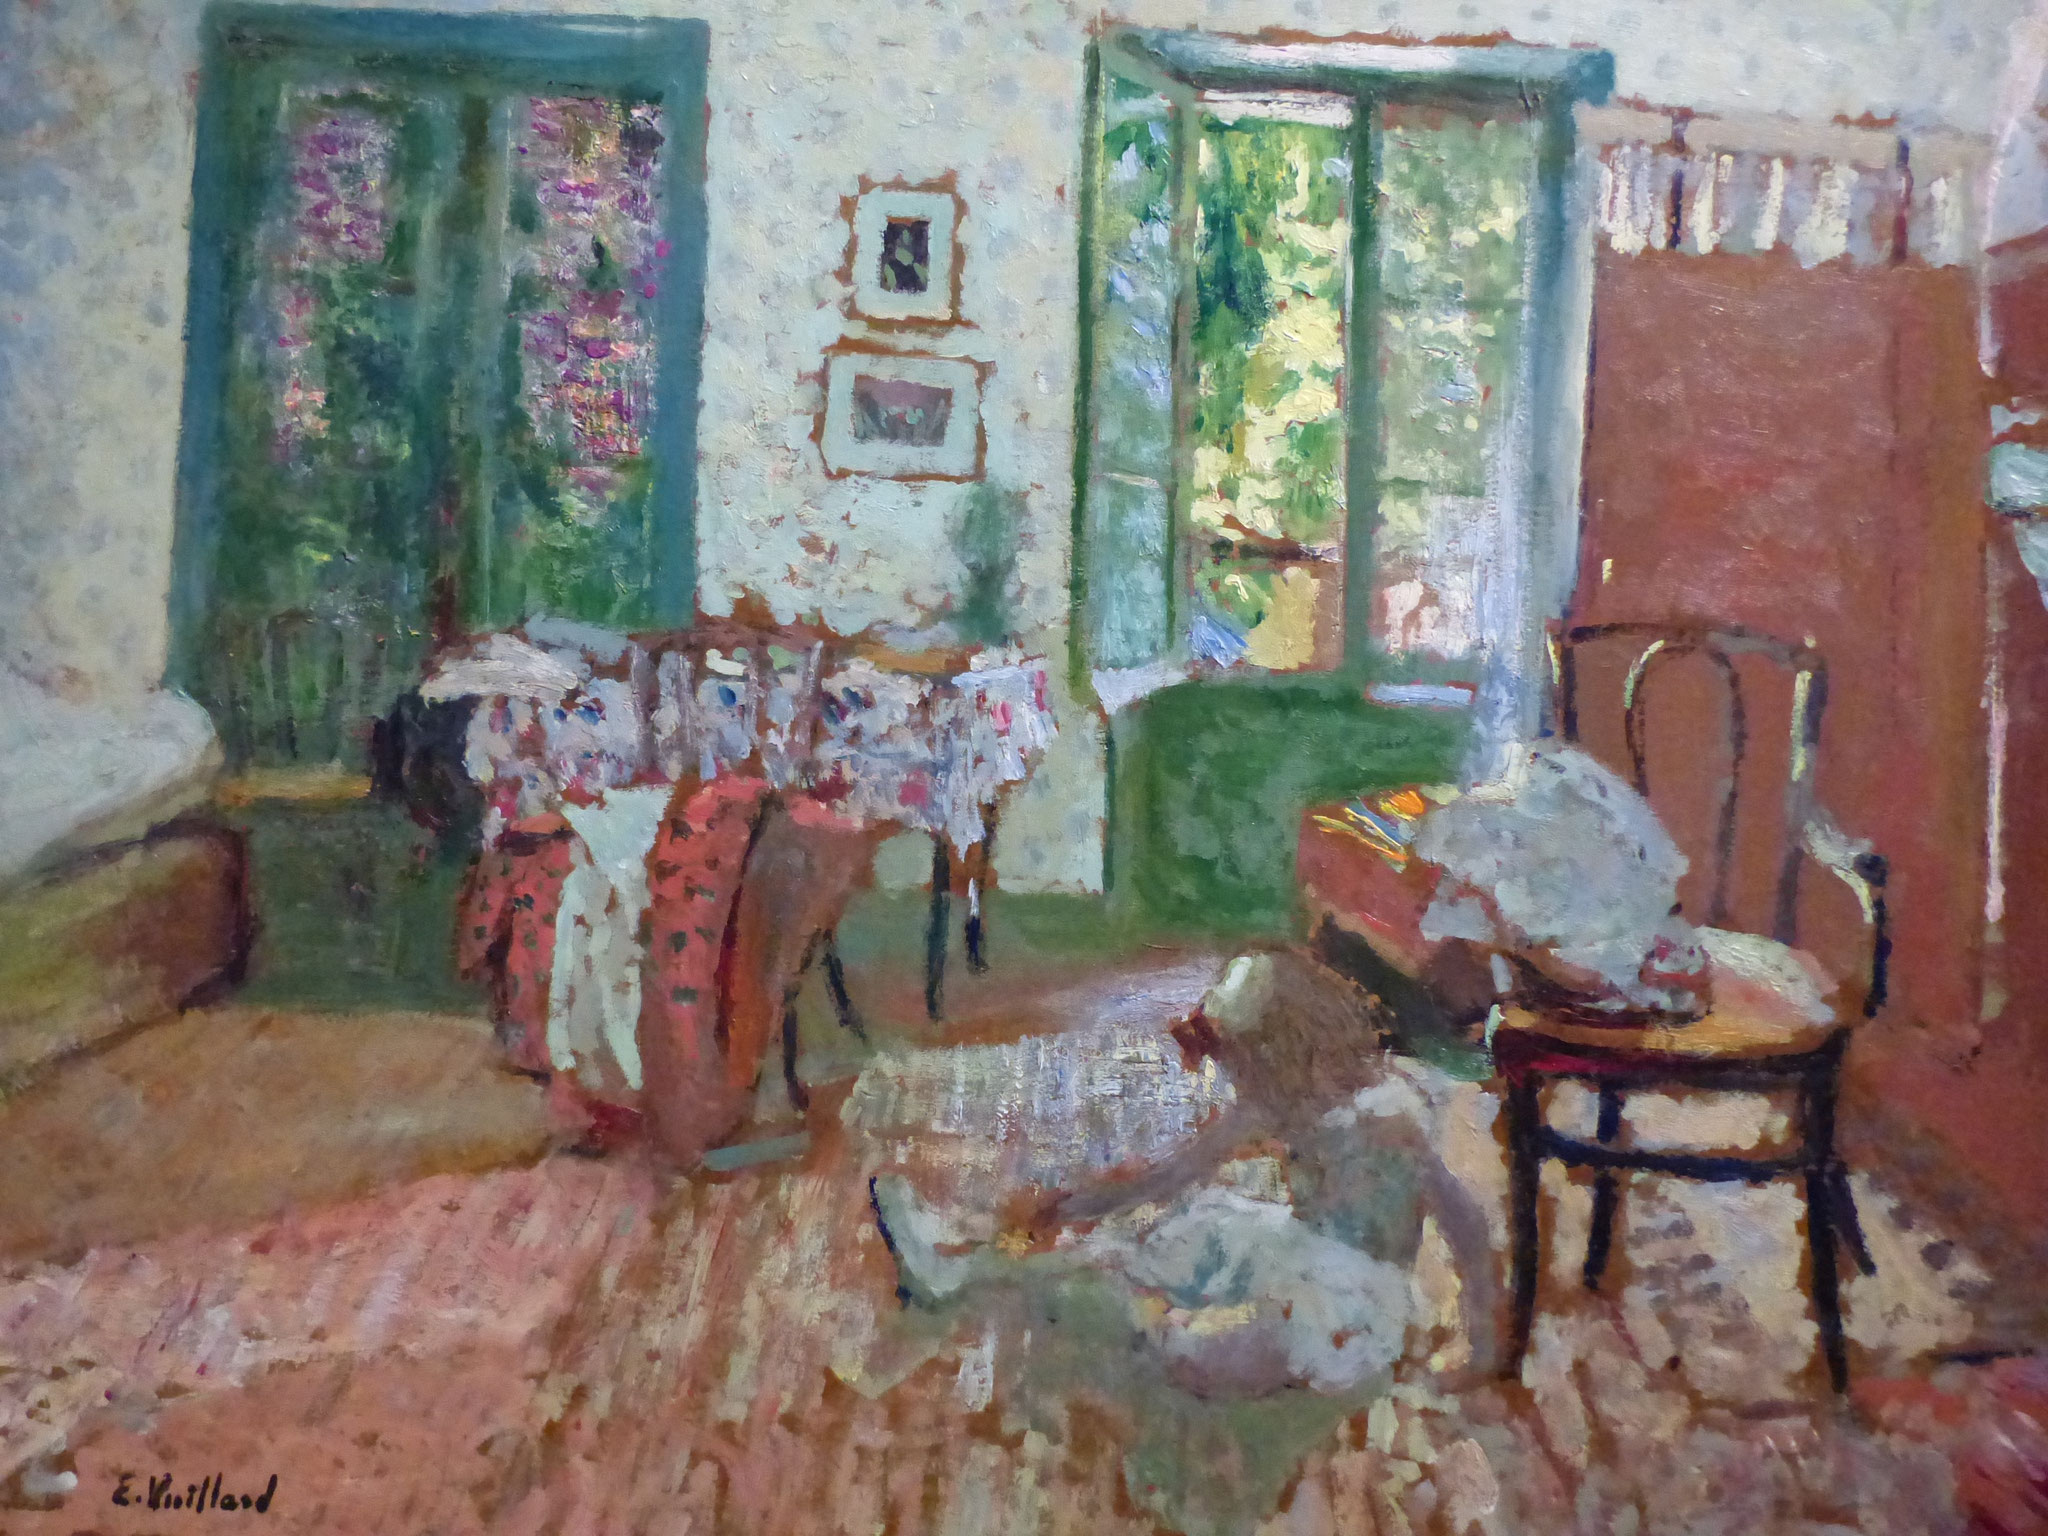 Edouard Vuillard - intérieur, Annette au pied d'un fauteuil